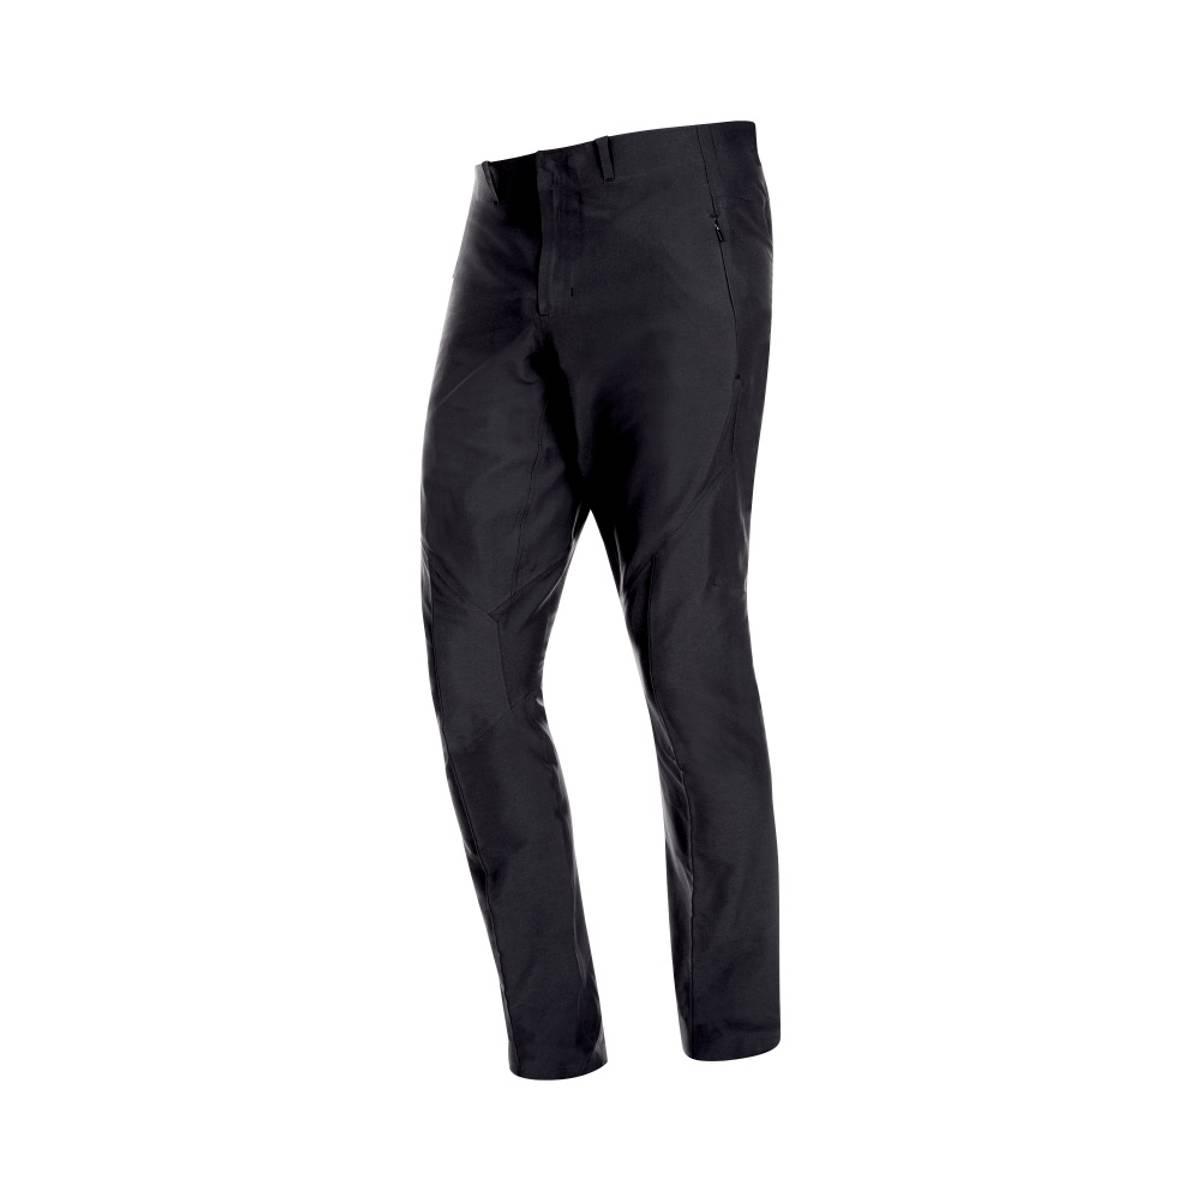 Mammut 3850 Pant Black